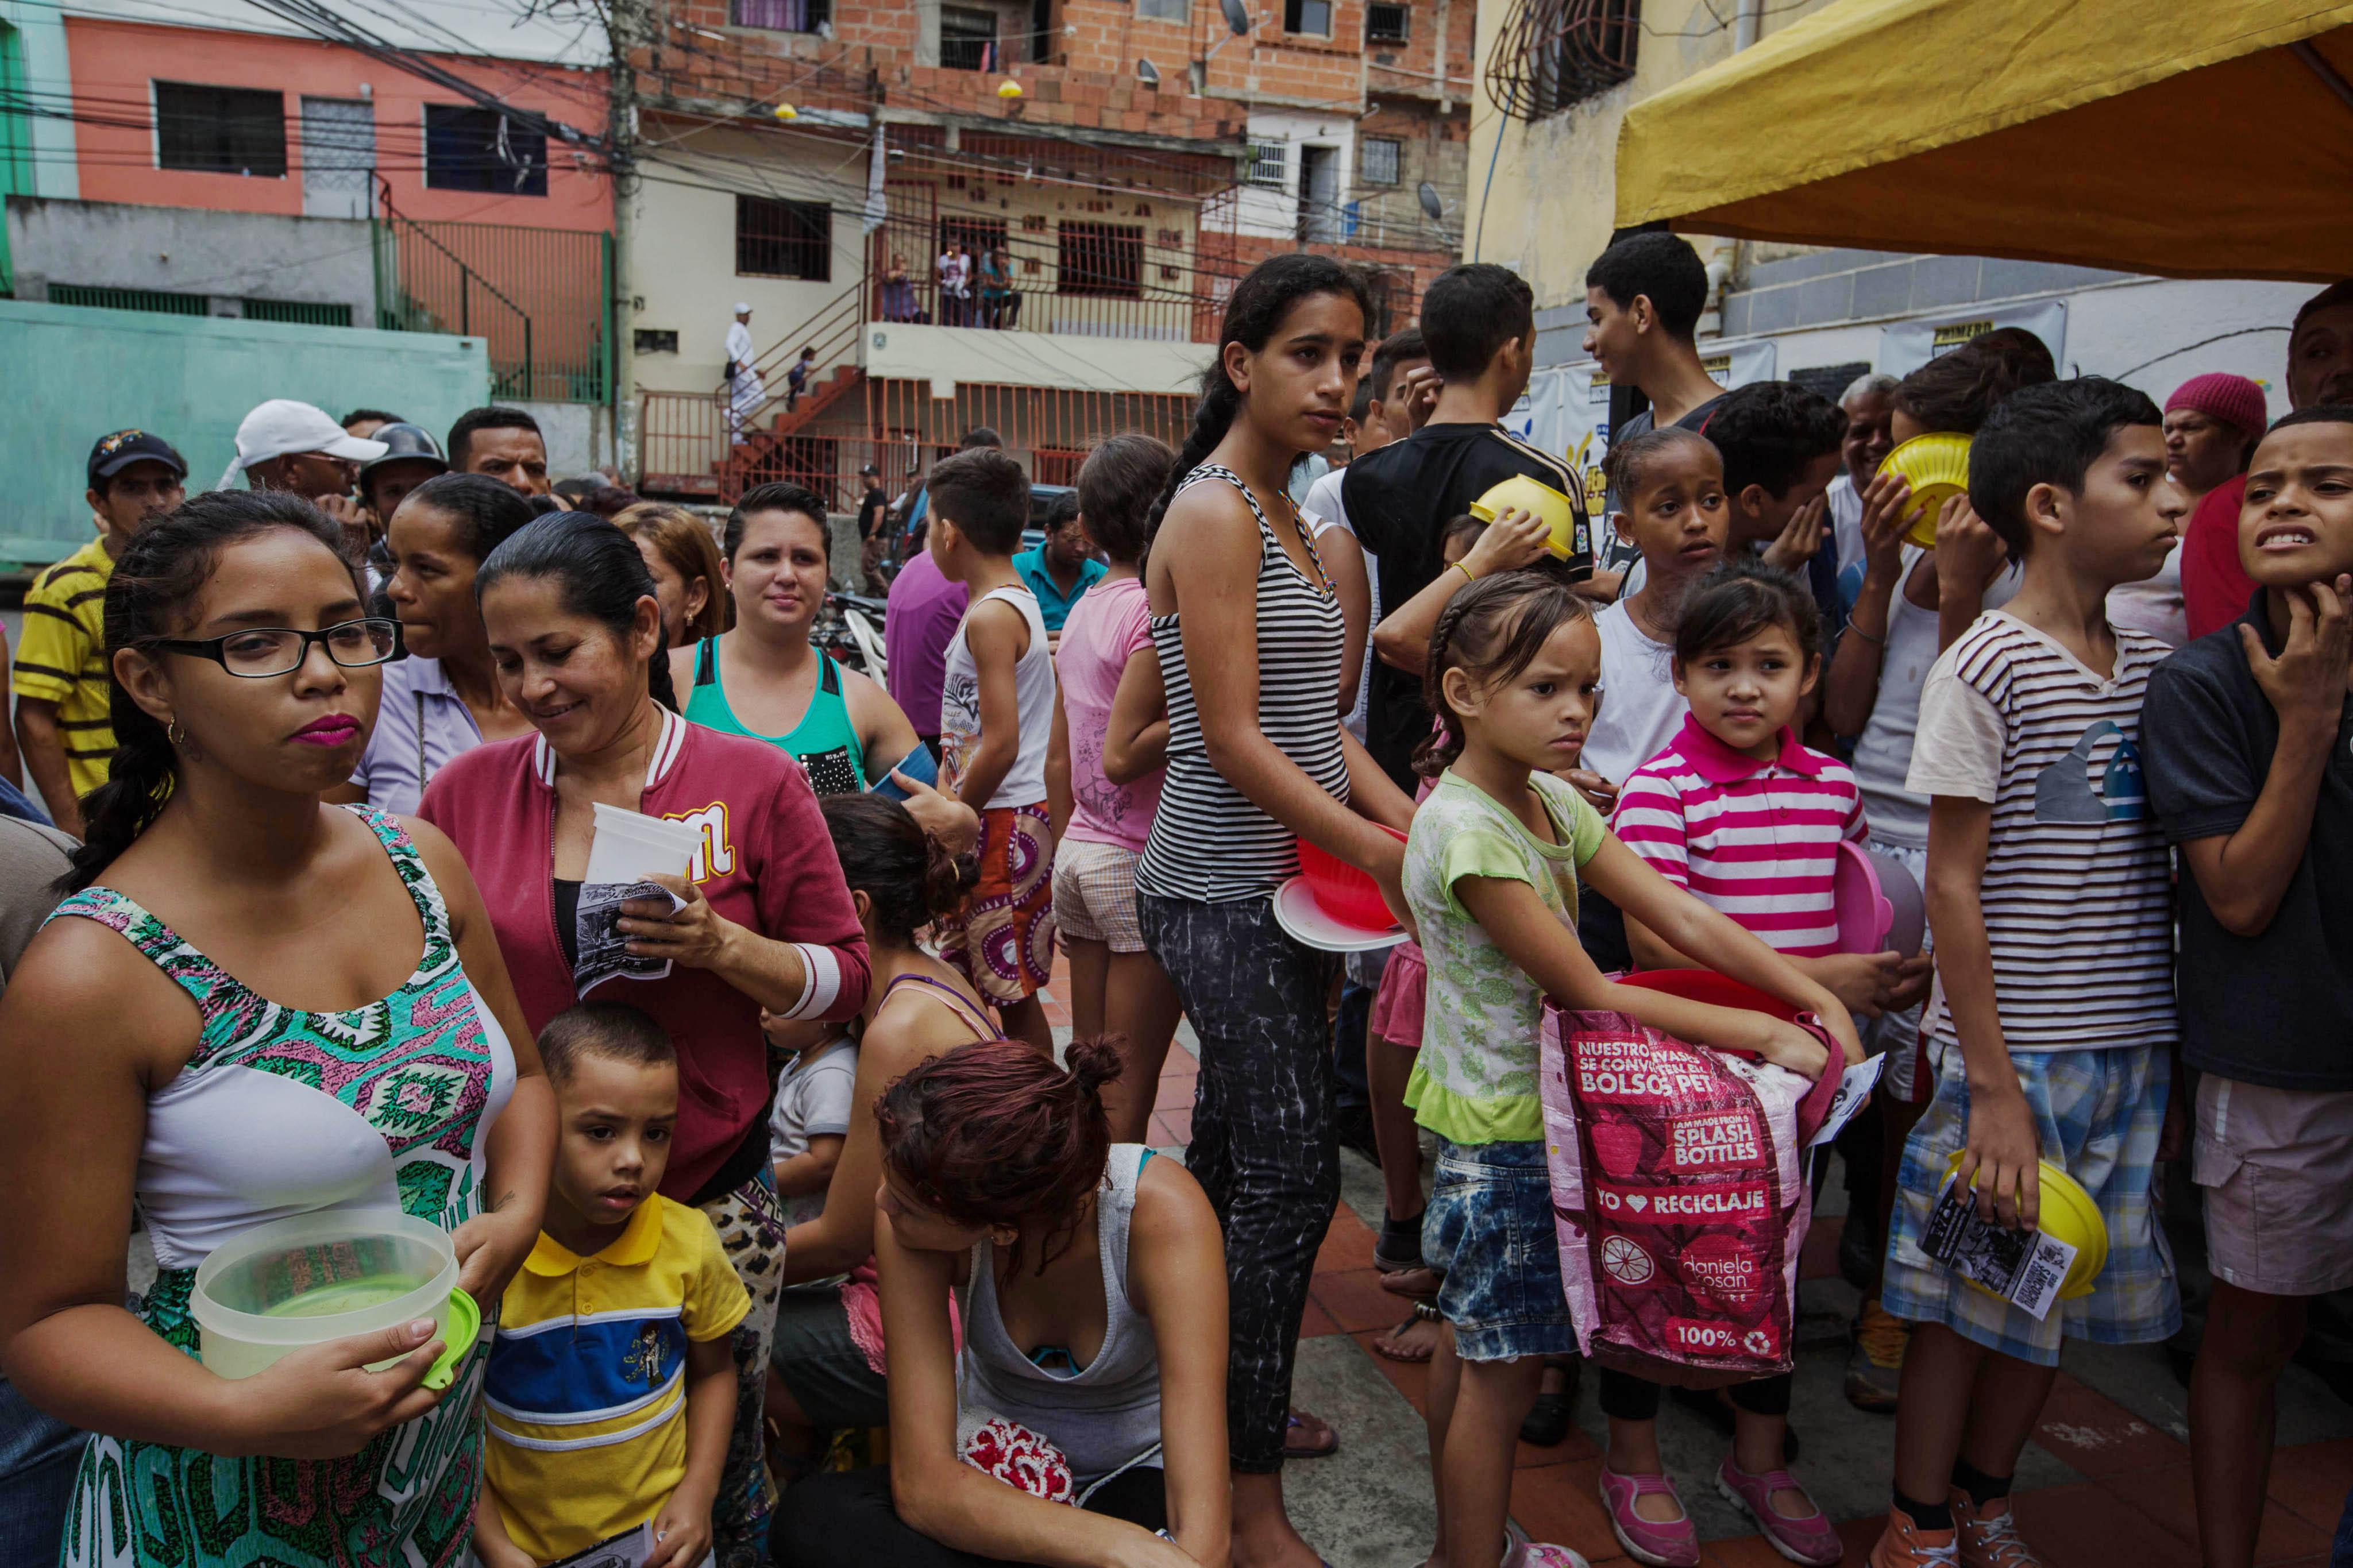 """CAR04. CARACAS (VENEZUELA), 10/09/2016.- Habitantes esperan para recibir porciones de un sancocho hoy, s·bado 10 de septiembre del 2016, en la ciudad de Caracas (Venezuela). En el barrio la UniÛn, ubicado en la favela m·s grande de AmÈrica Latina asentada en el este de Caracas, se preparÛ hoy un gran """"sancocho"""" como se le conoce en Venezuela a la sopa cocinada con varios tipos de verduras y carnes, para alimentar a los vecinos, muchos de ellos con varios dÌas de hambre. EFE/MIGUEL GUTI…RREZ"""